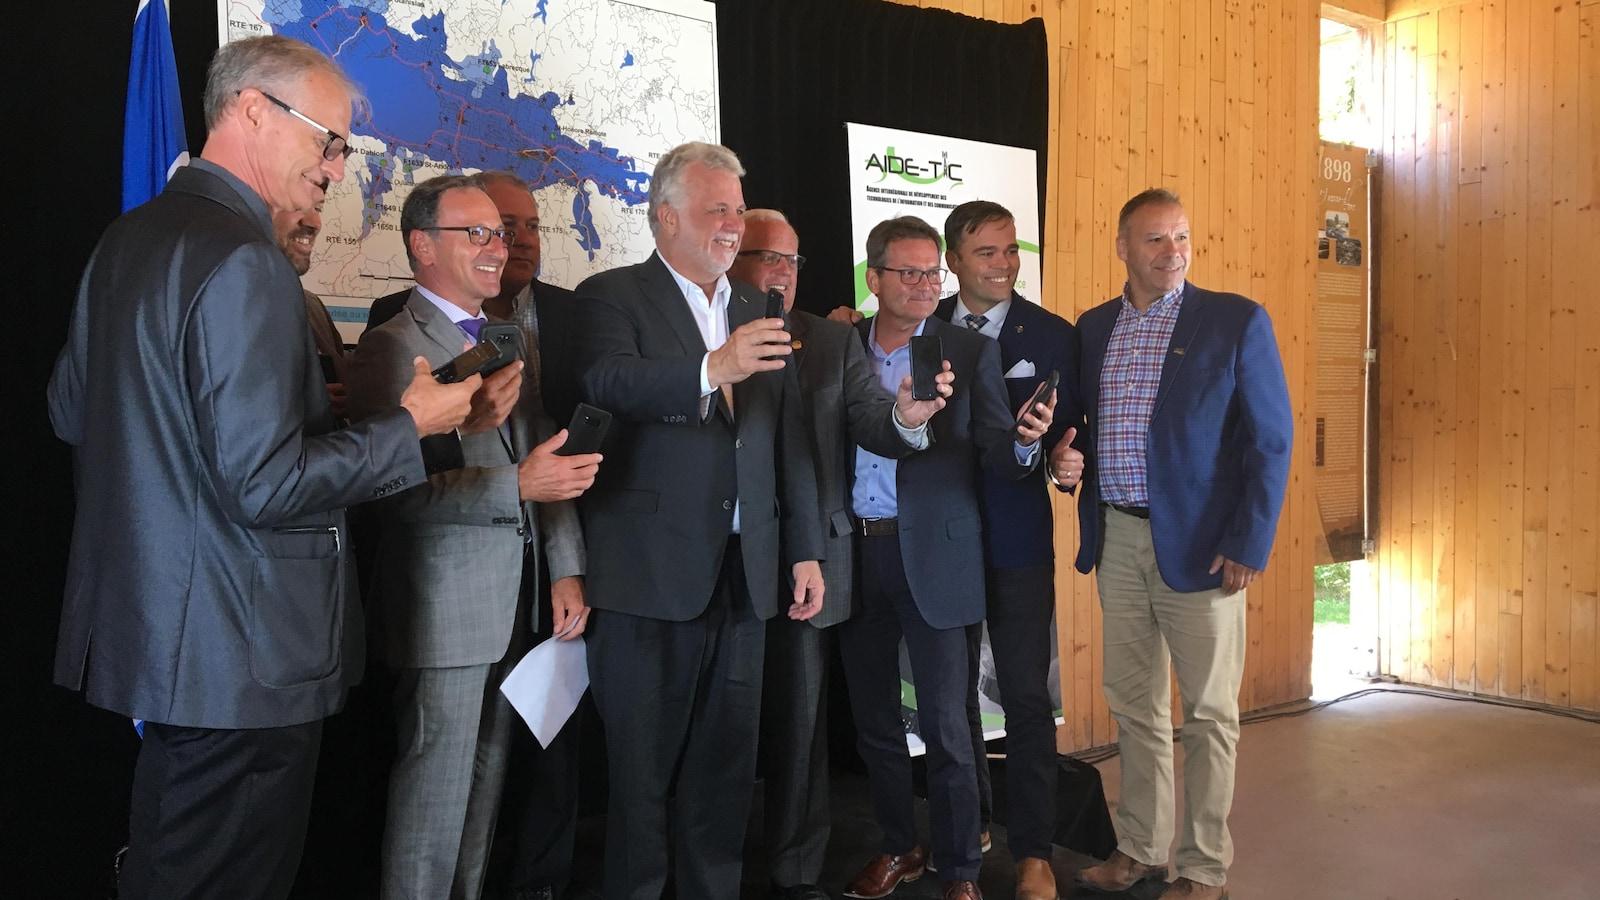 Les élus du Saguenay-Lac-Saint-Jean posent devant une carte de la région avec leur cellulaire en main.